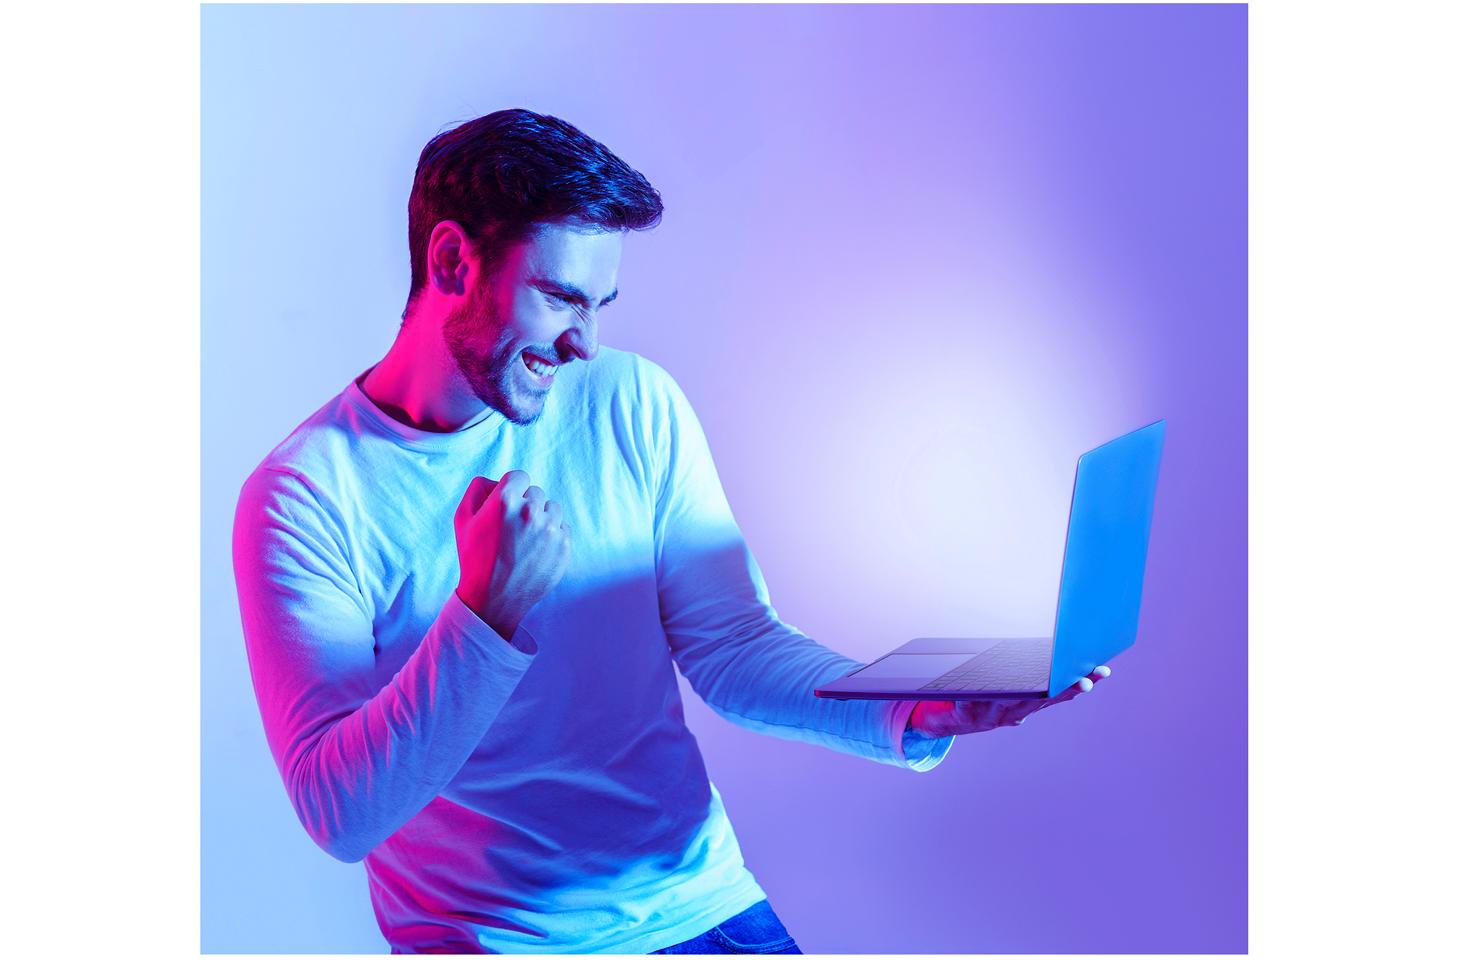 Как защититься от шума с помощью современных технологий | Блог Касперского